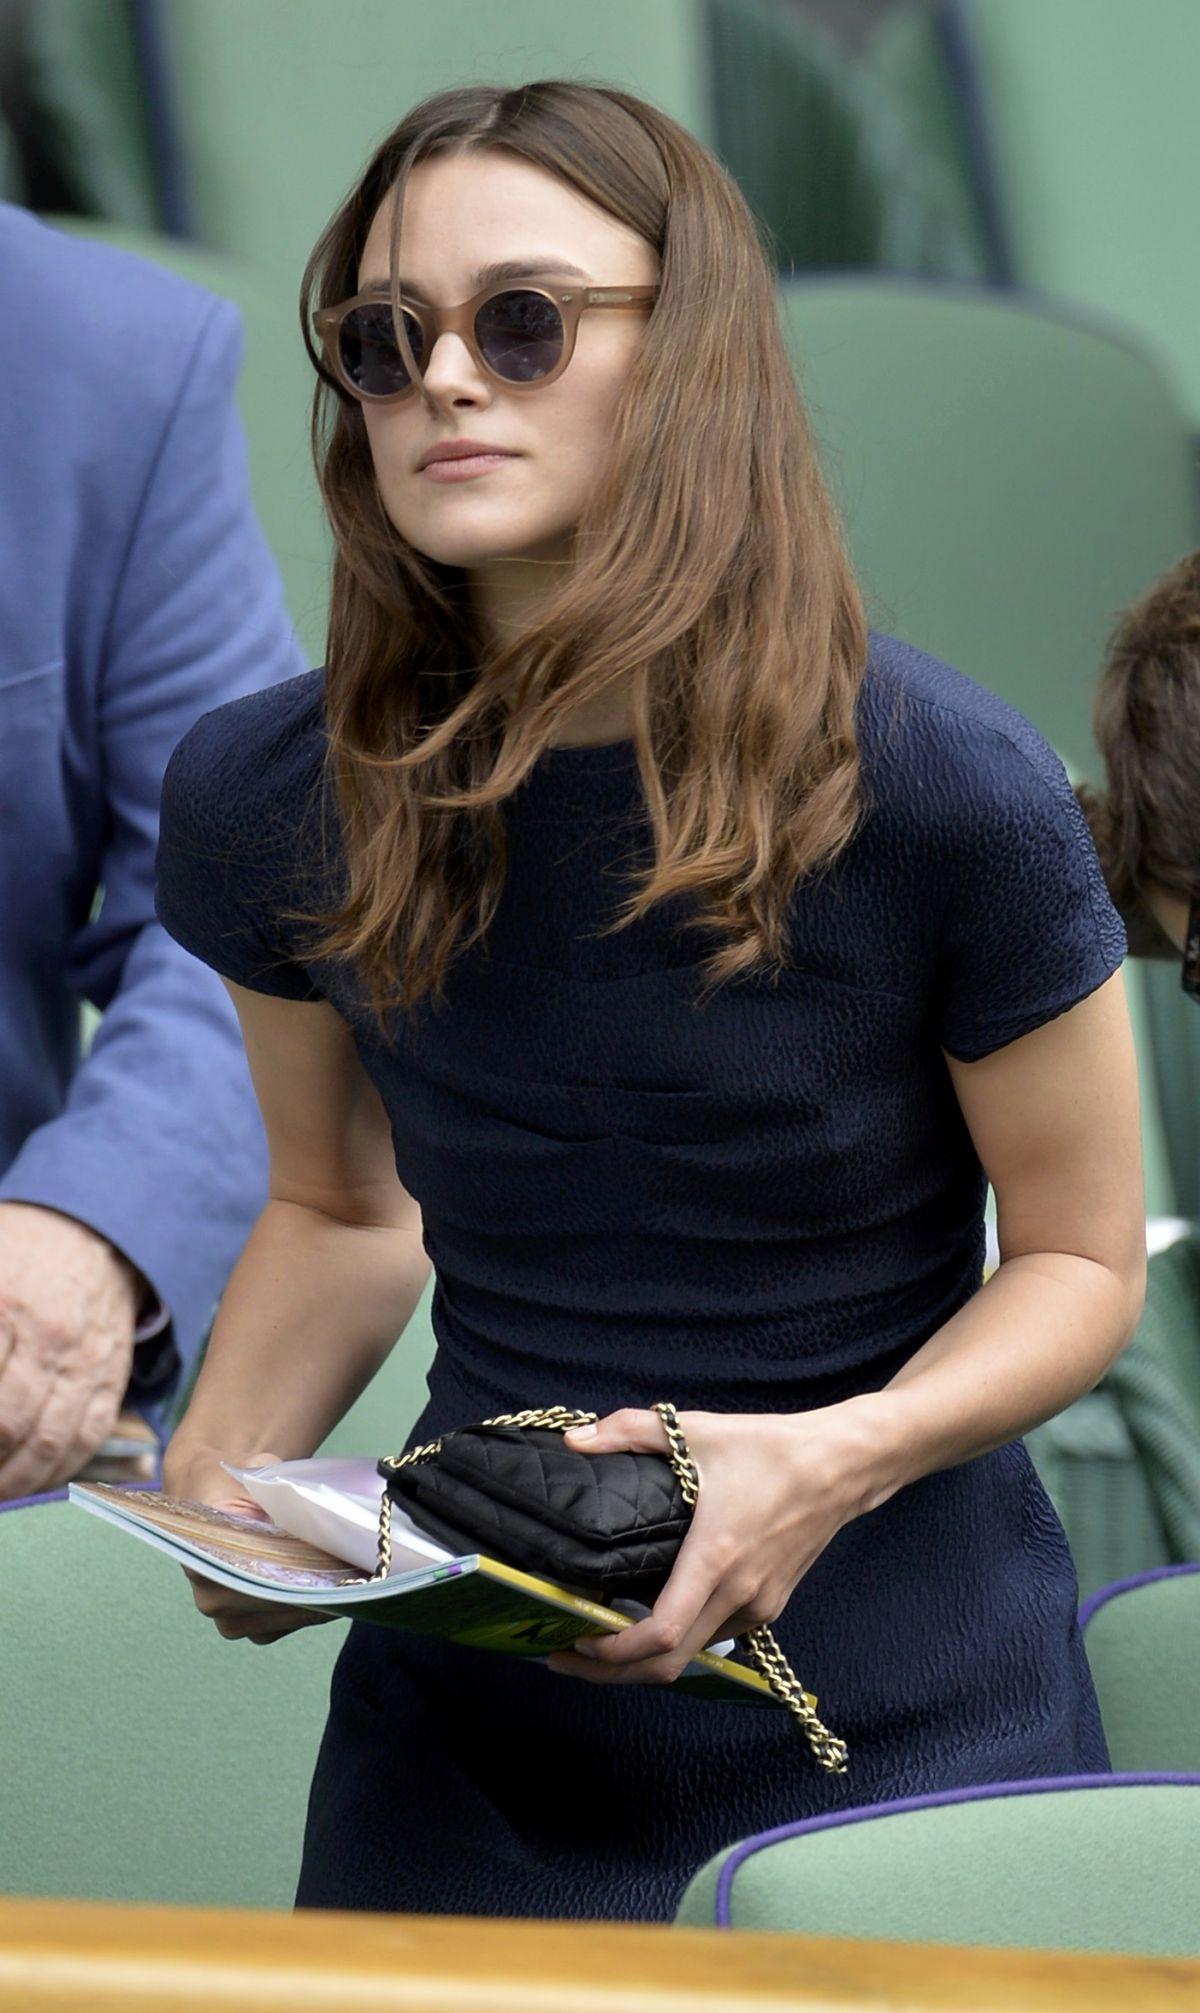 KEIRA KNIGHTLEY at Wimbledon Tennis Championships